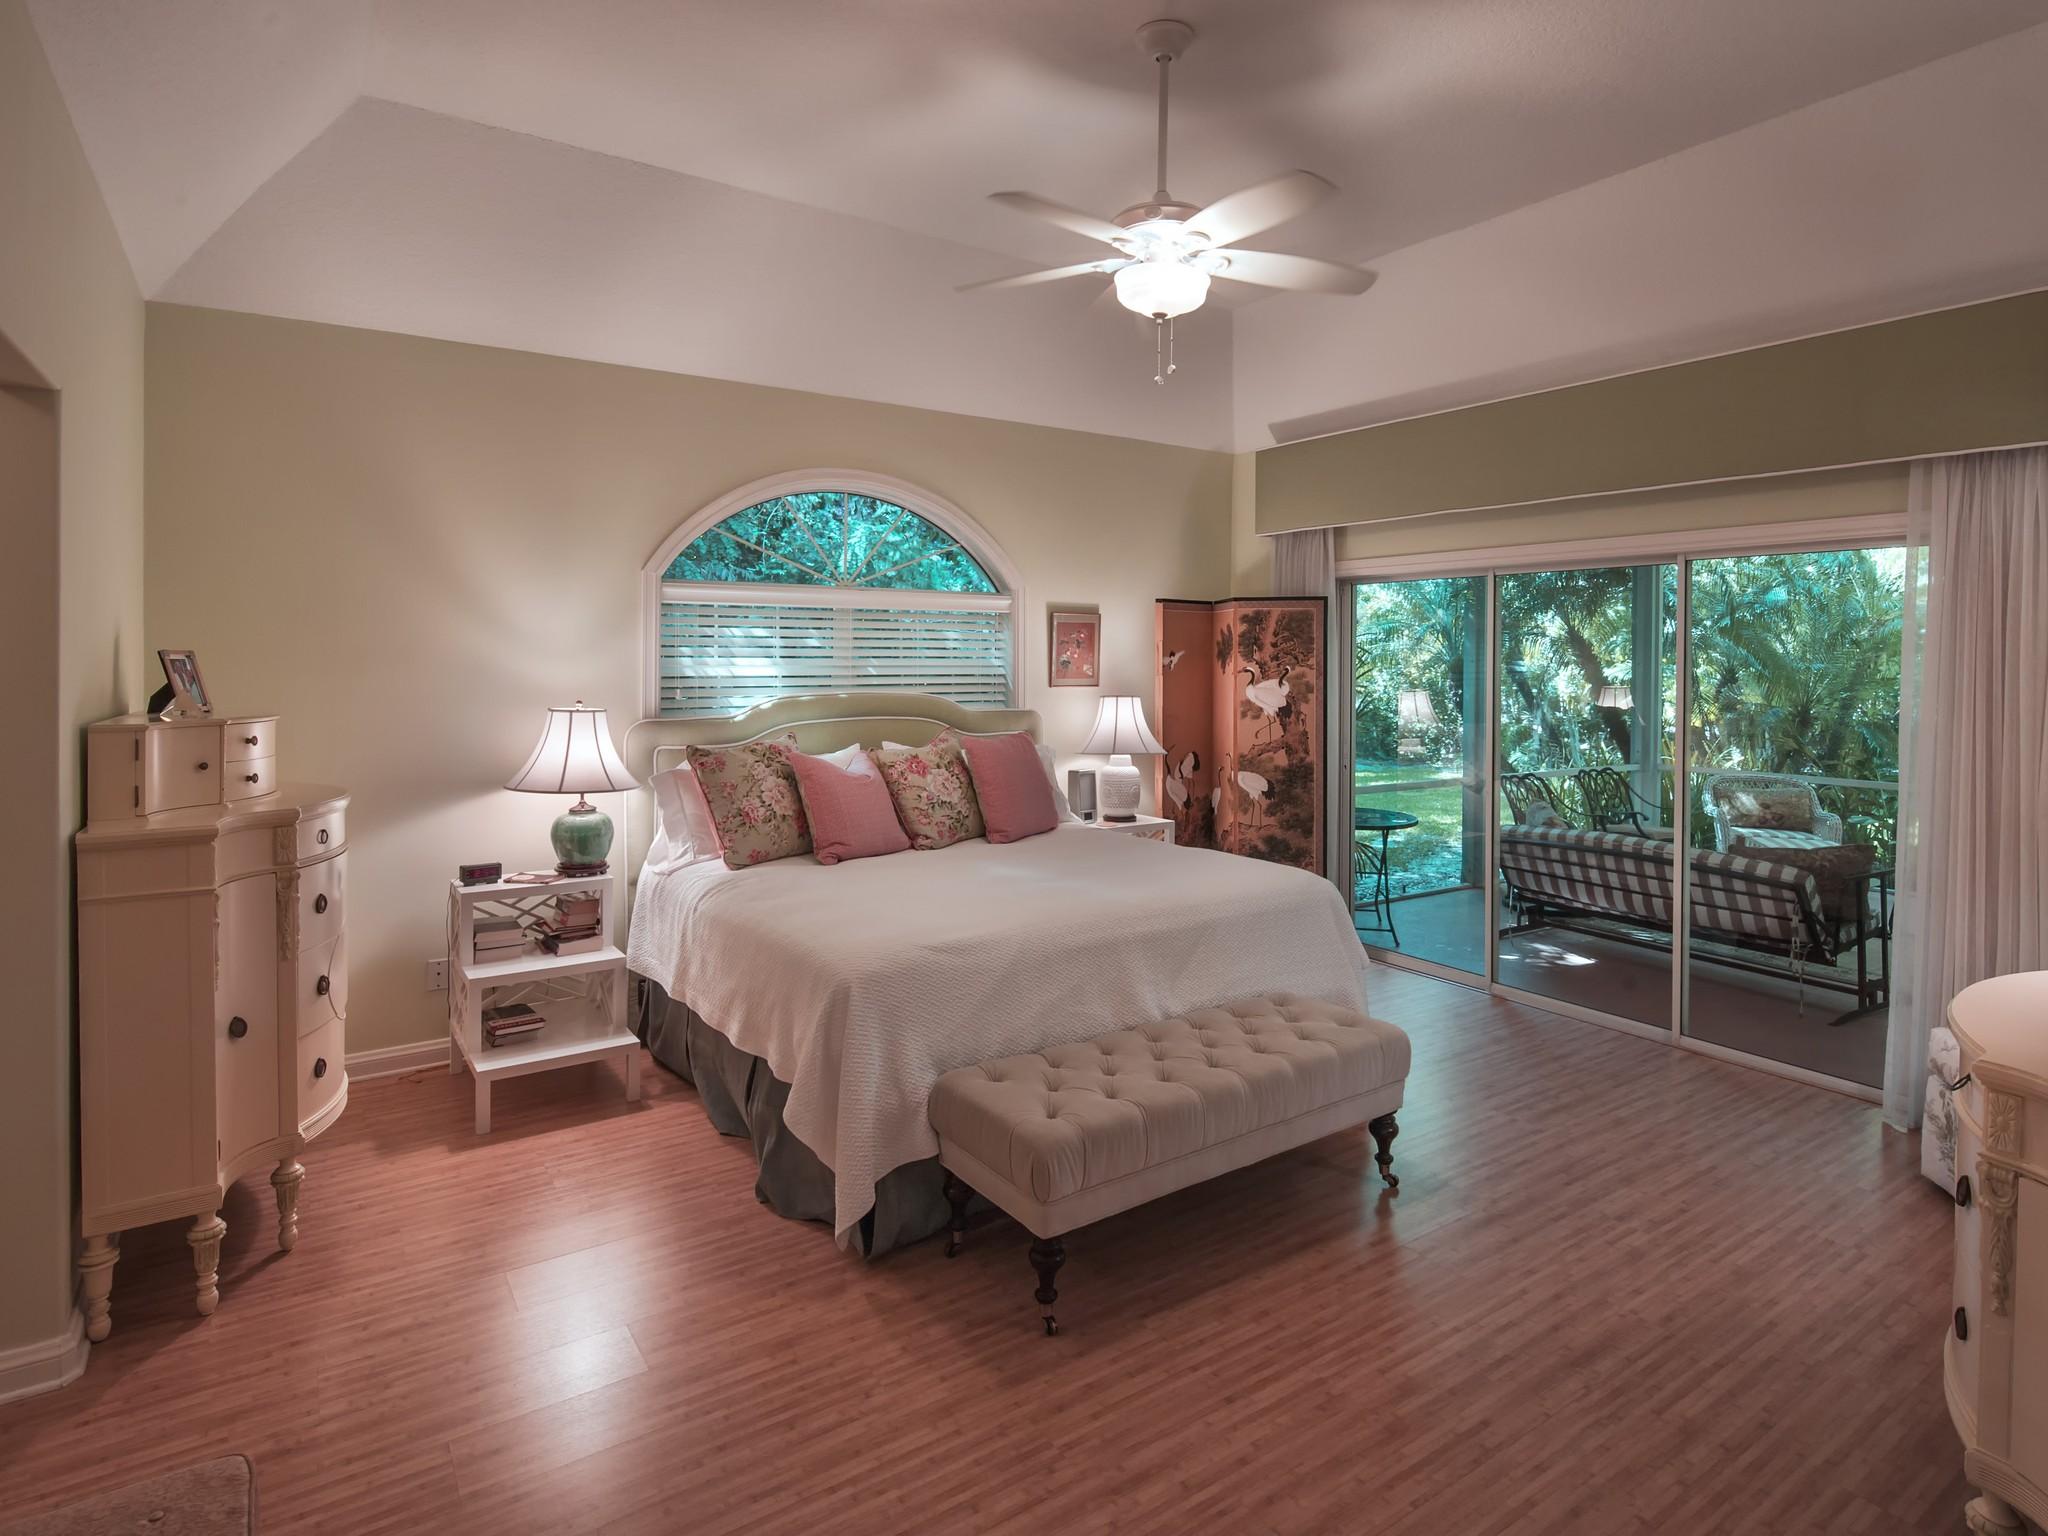 独户住宅 为 销售 在 Elegant & Private home on large lot 480 Ventura Place Vero Beach, 佛罗里达州 32963 美国